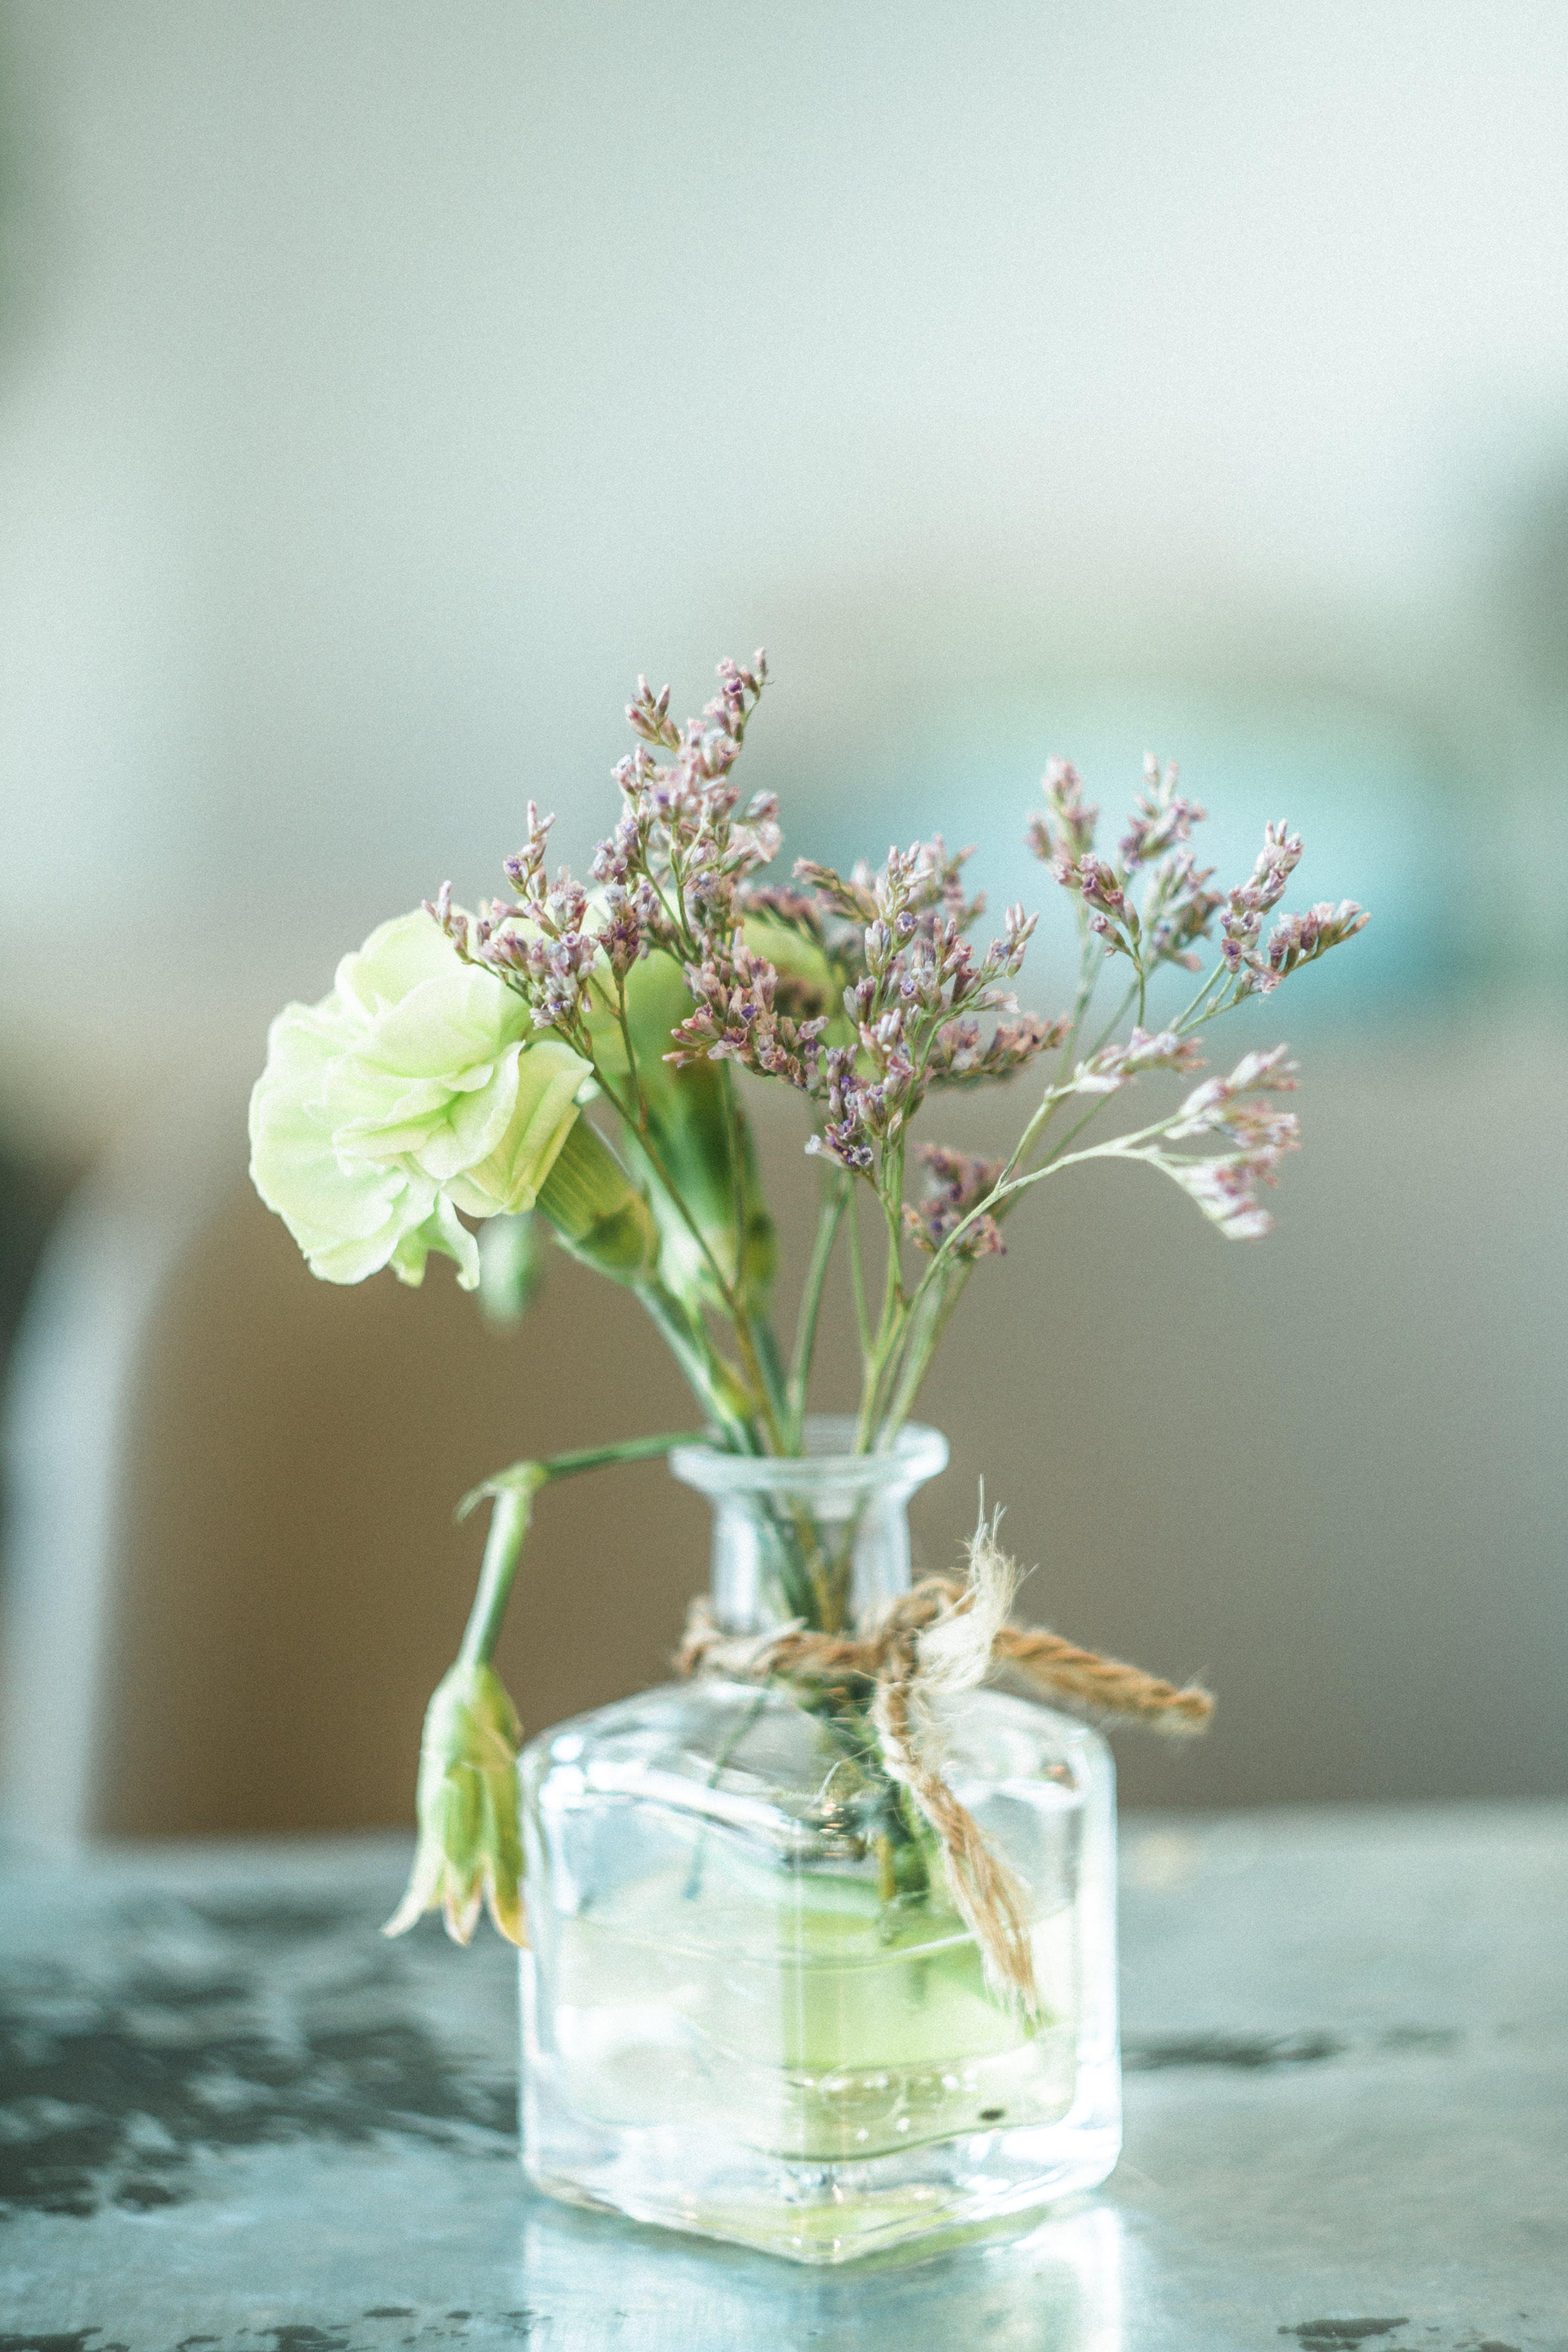 Бесплатное стоковое фото с бутылка, ваза, вода, красивый